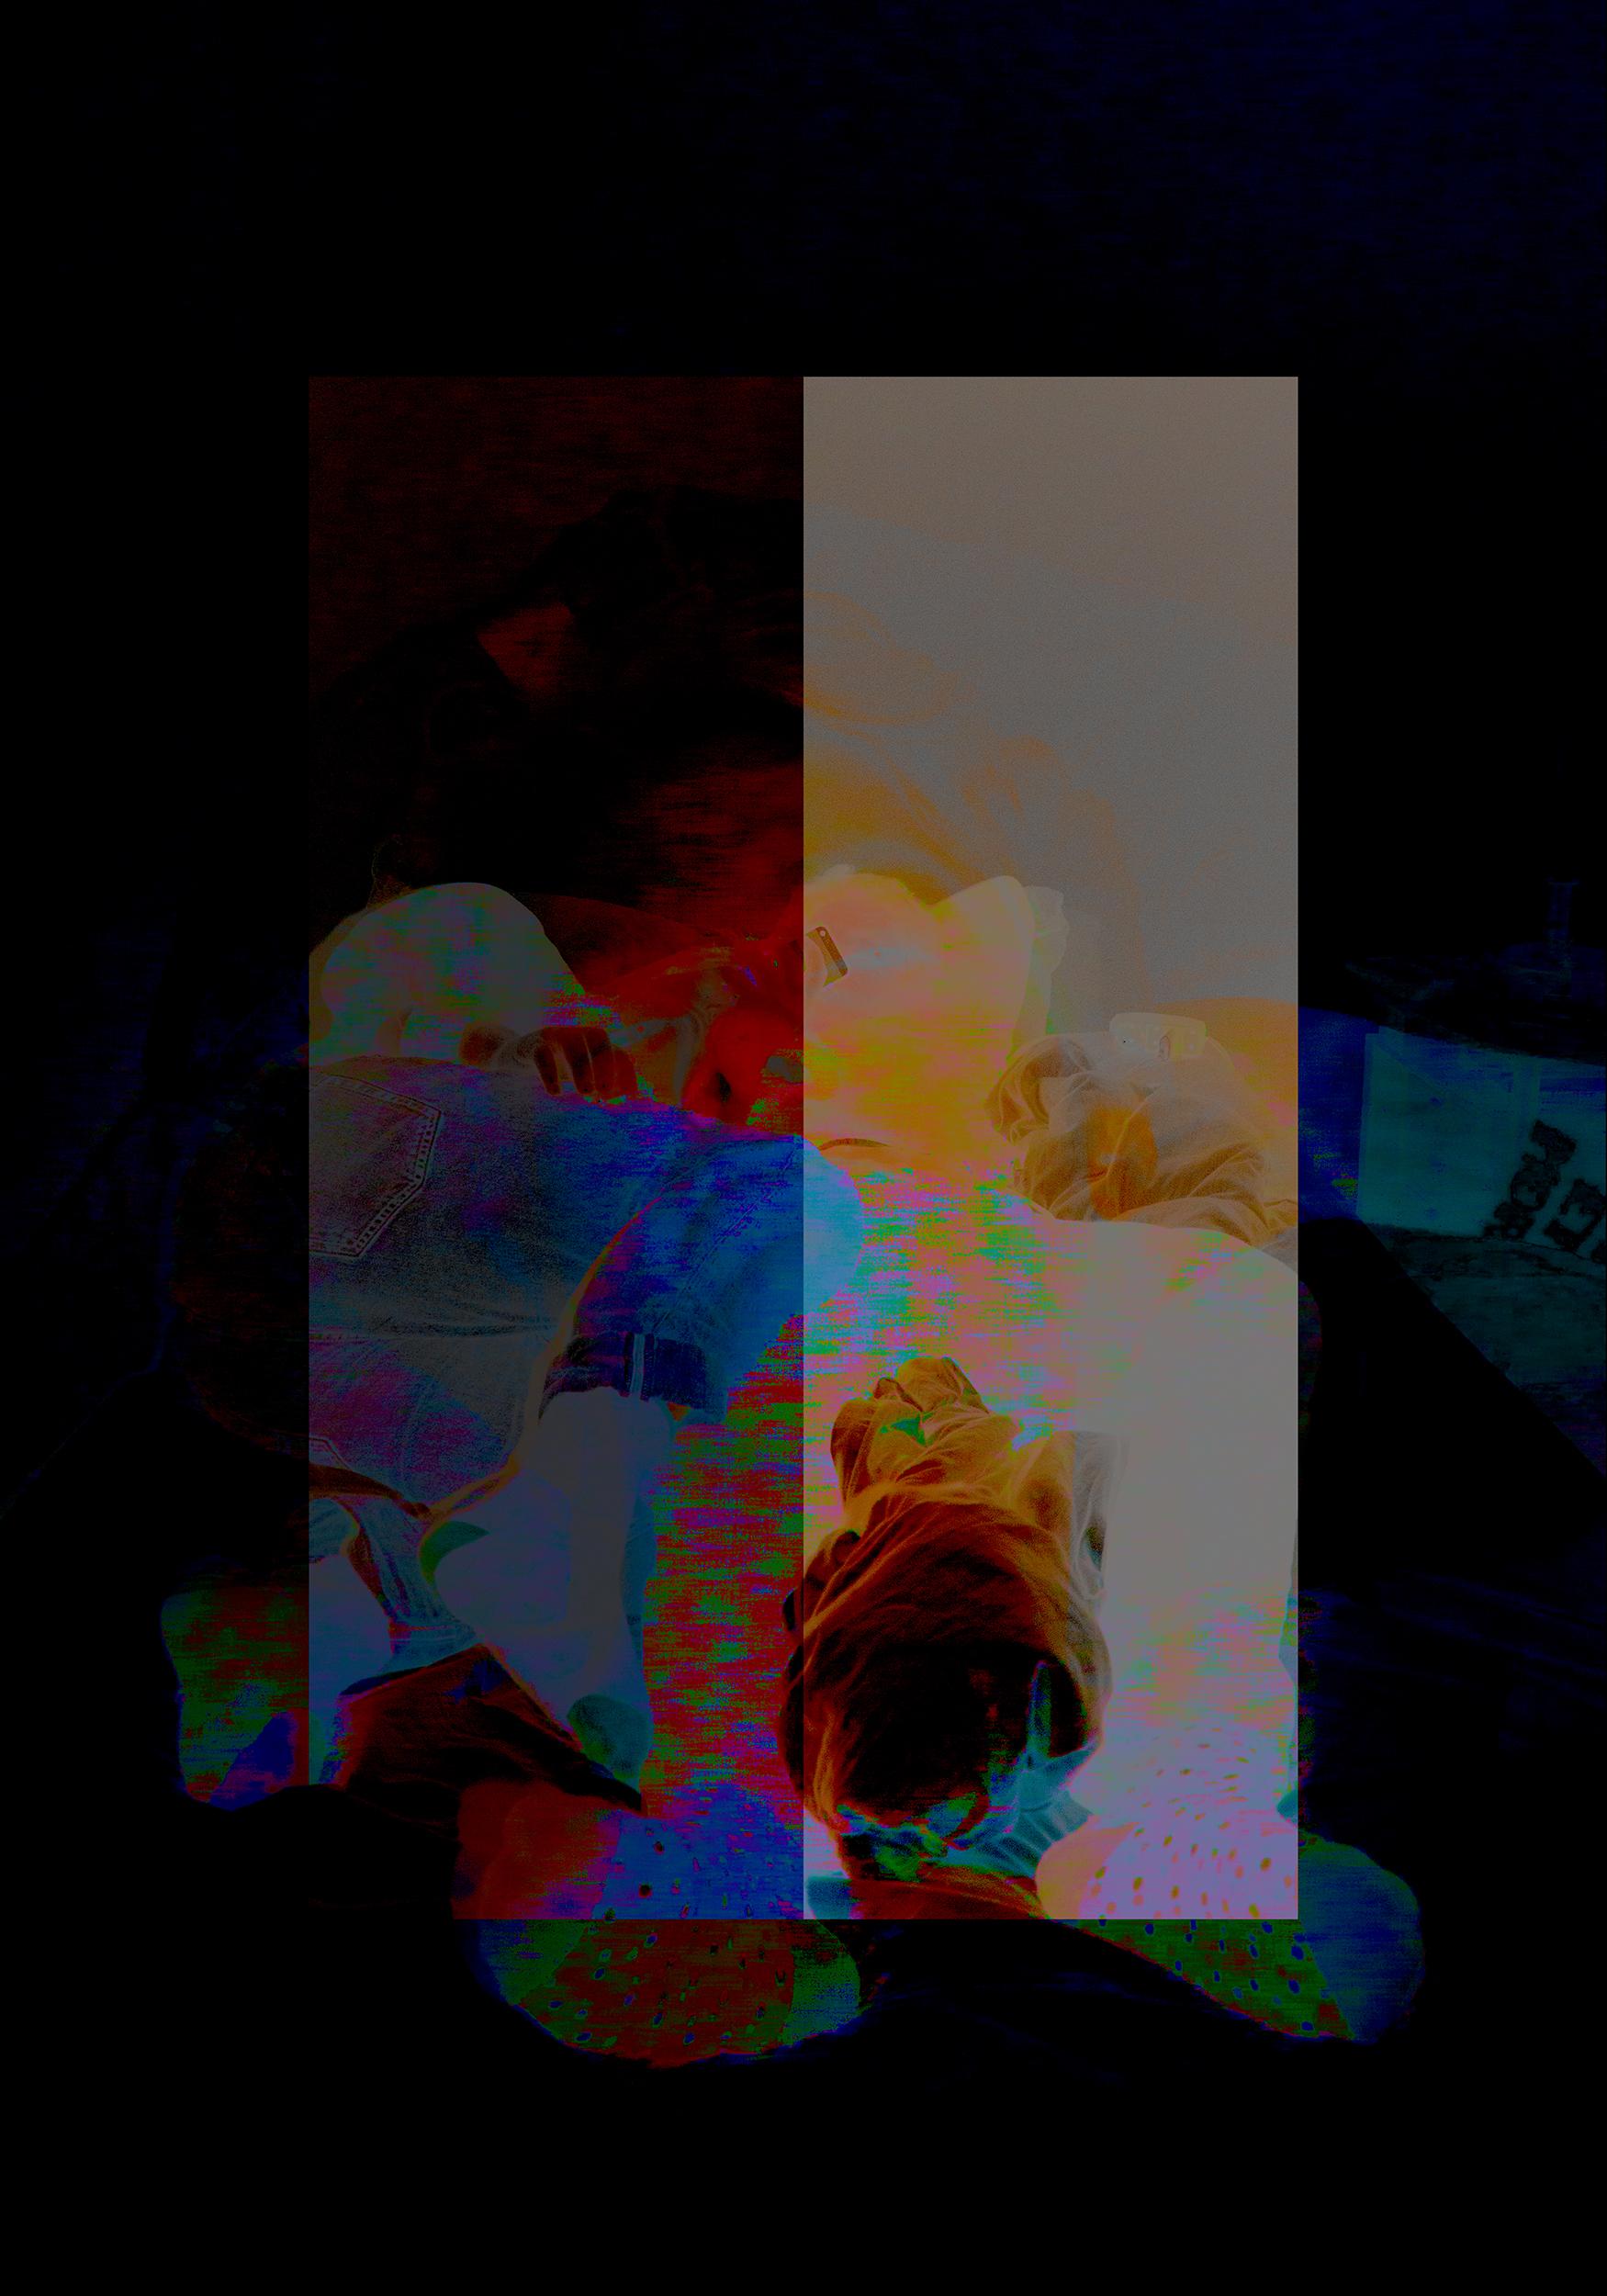 fotoskolen Fatamorgana_Triptykon nr. 2 2.jpg